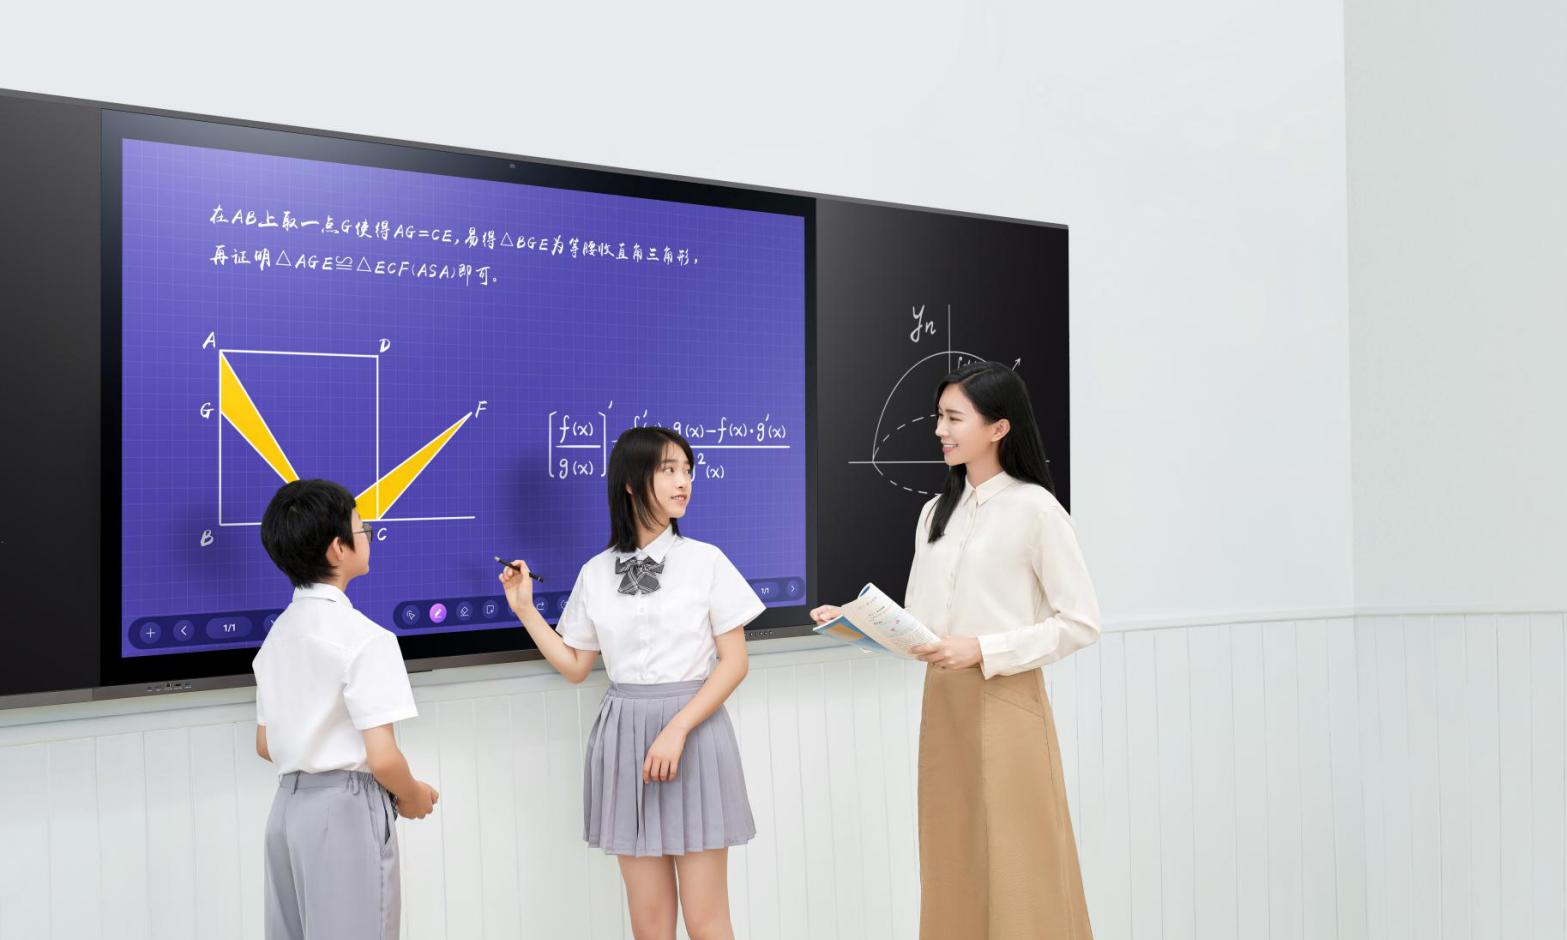 屏幕丨尺寸丨配置-教学触摸一体机价格受什么影响?